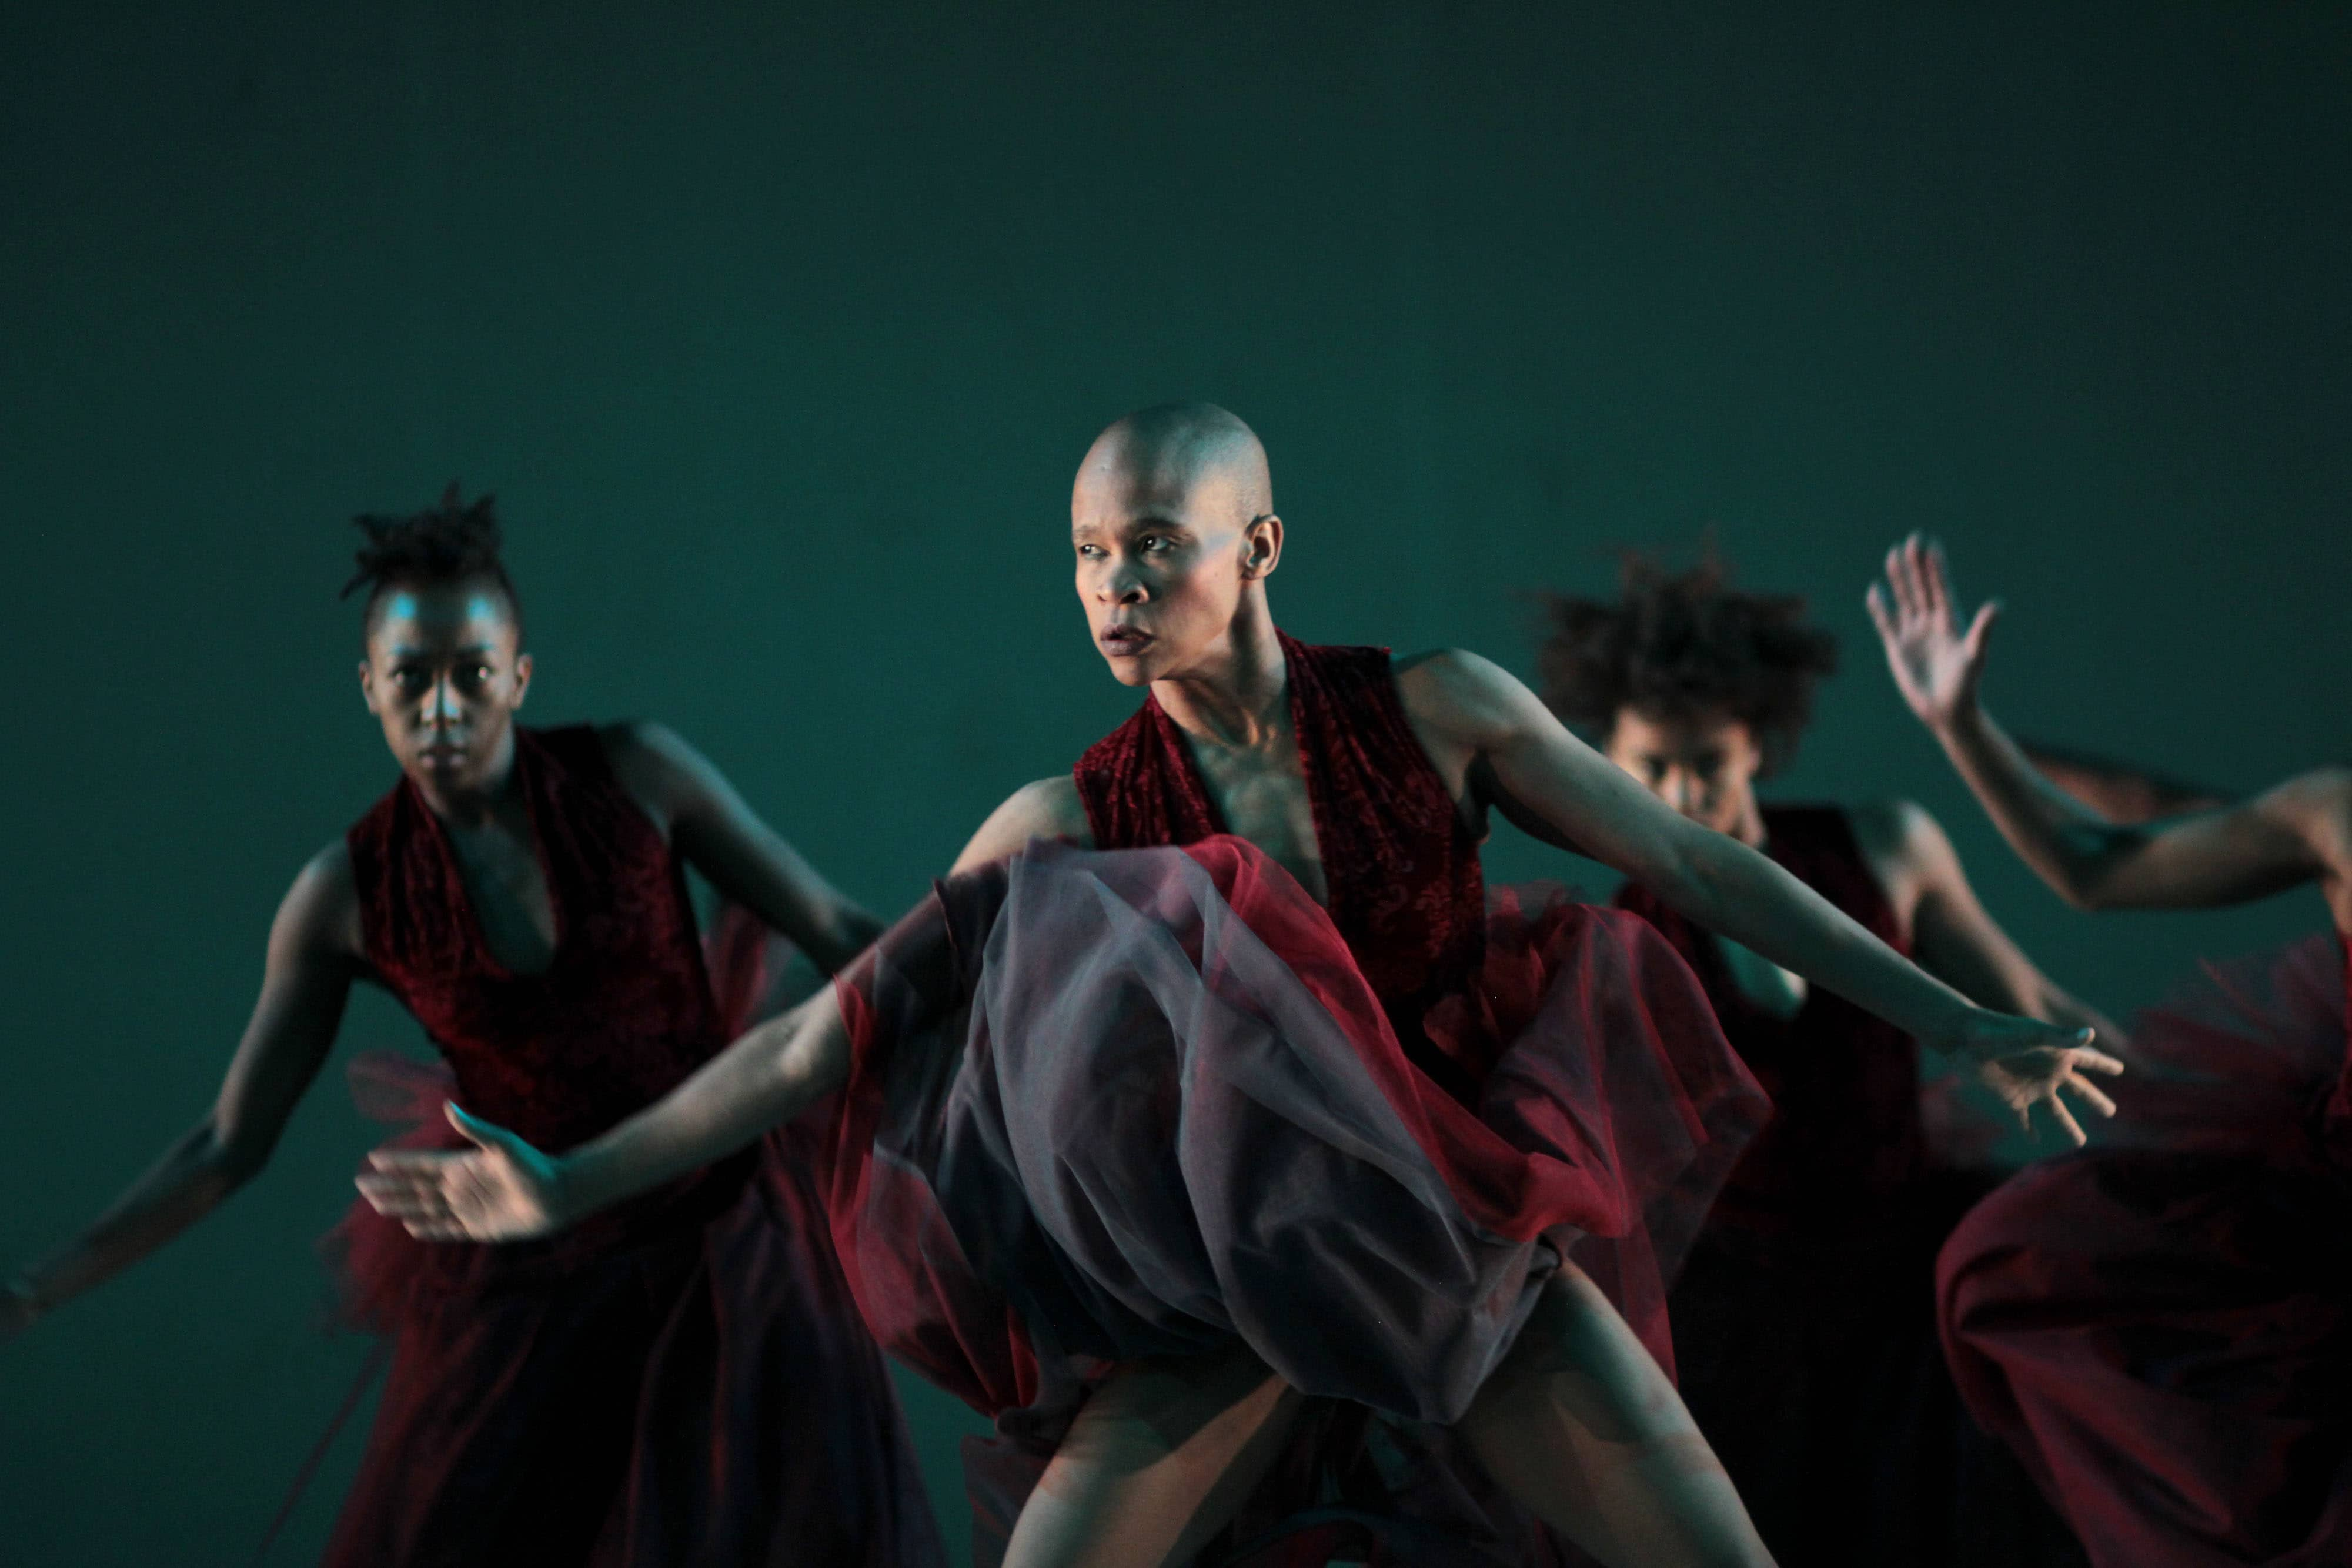 Invito alla danza. #GISELLE